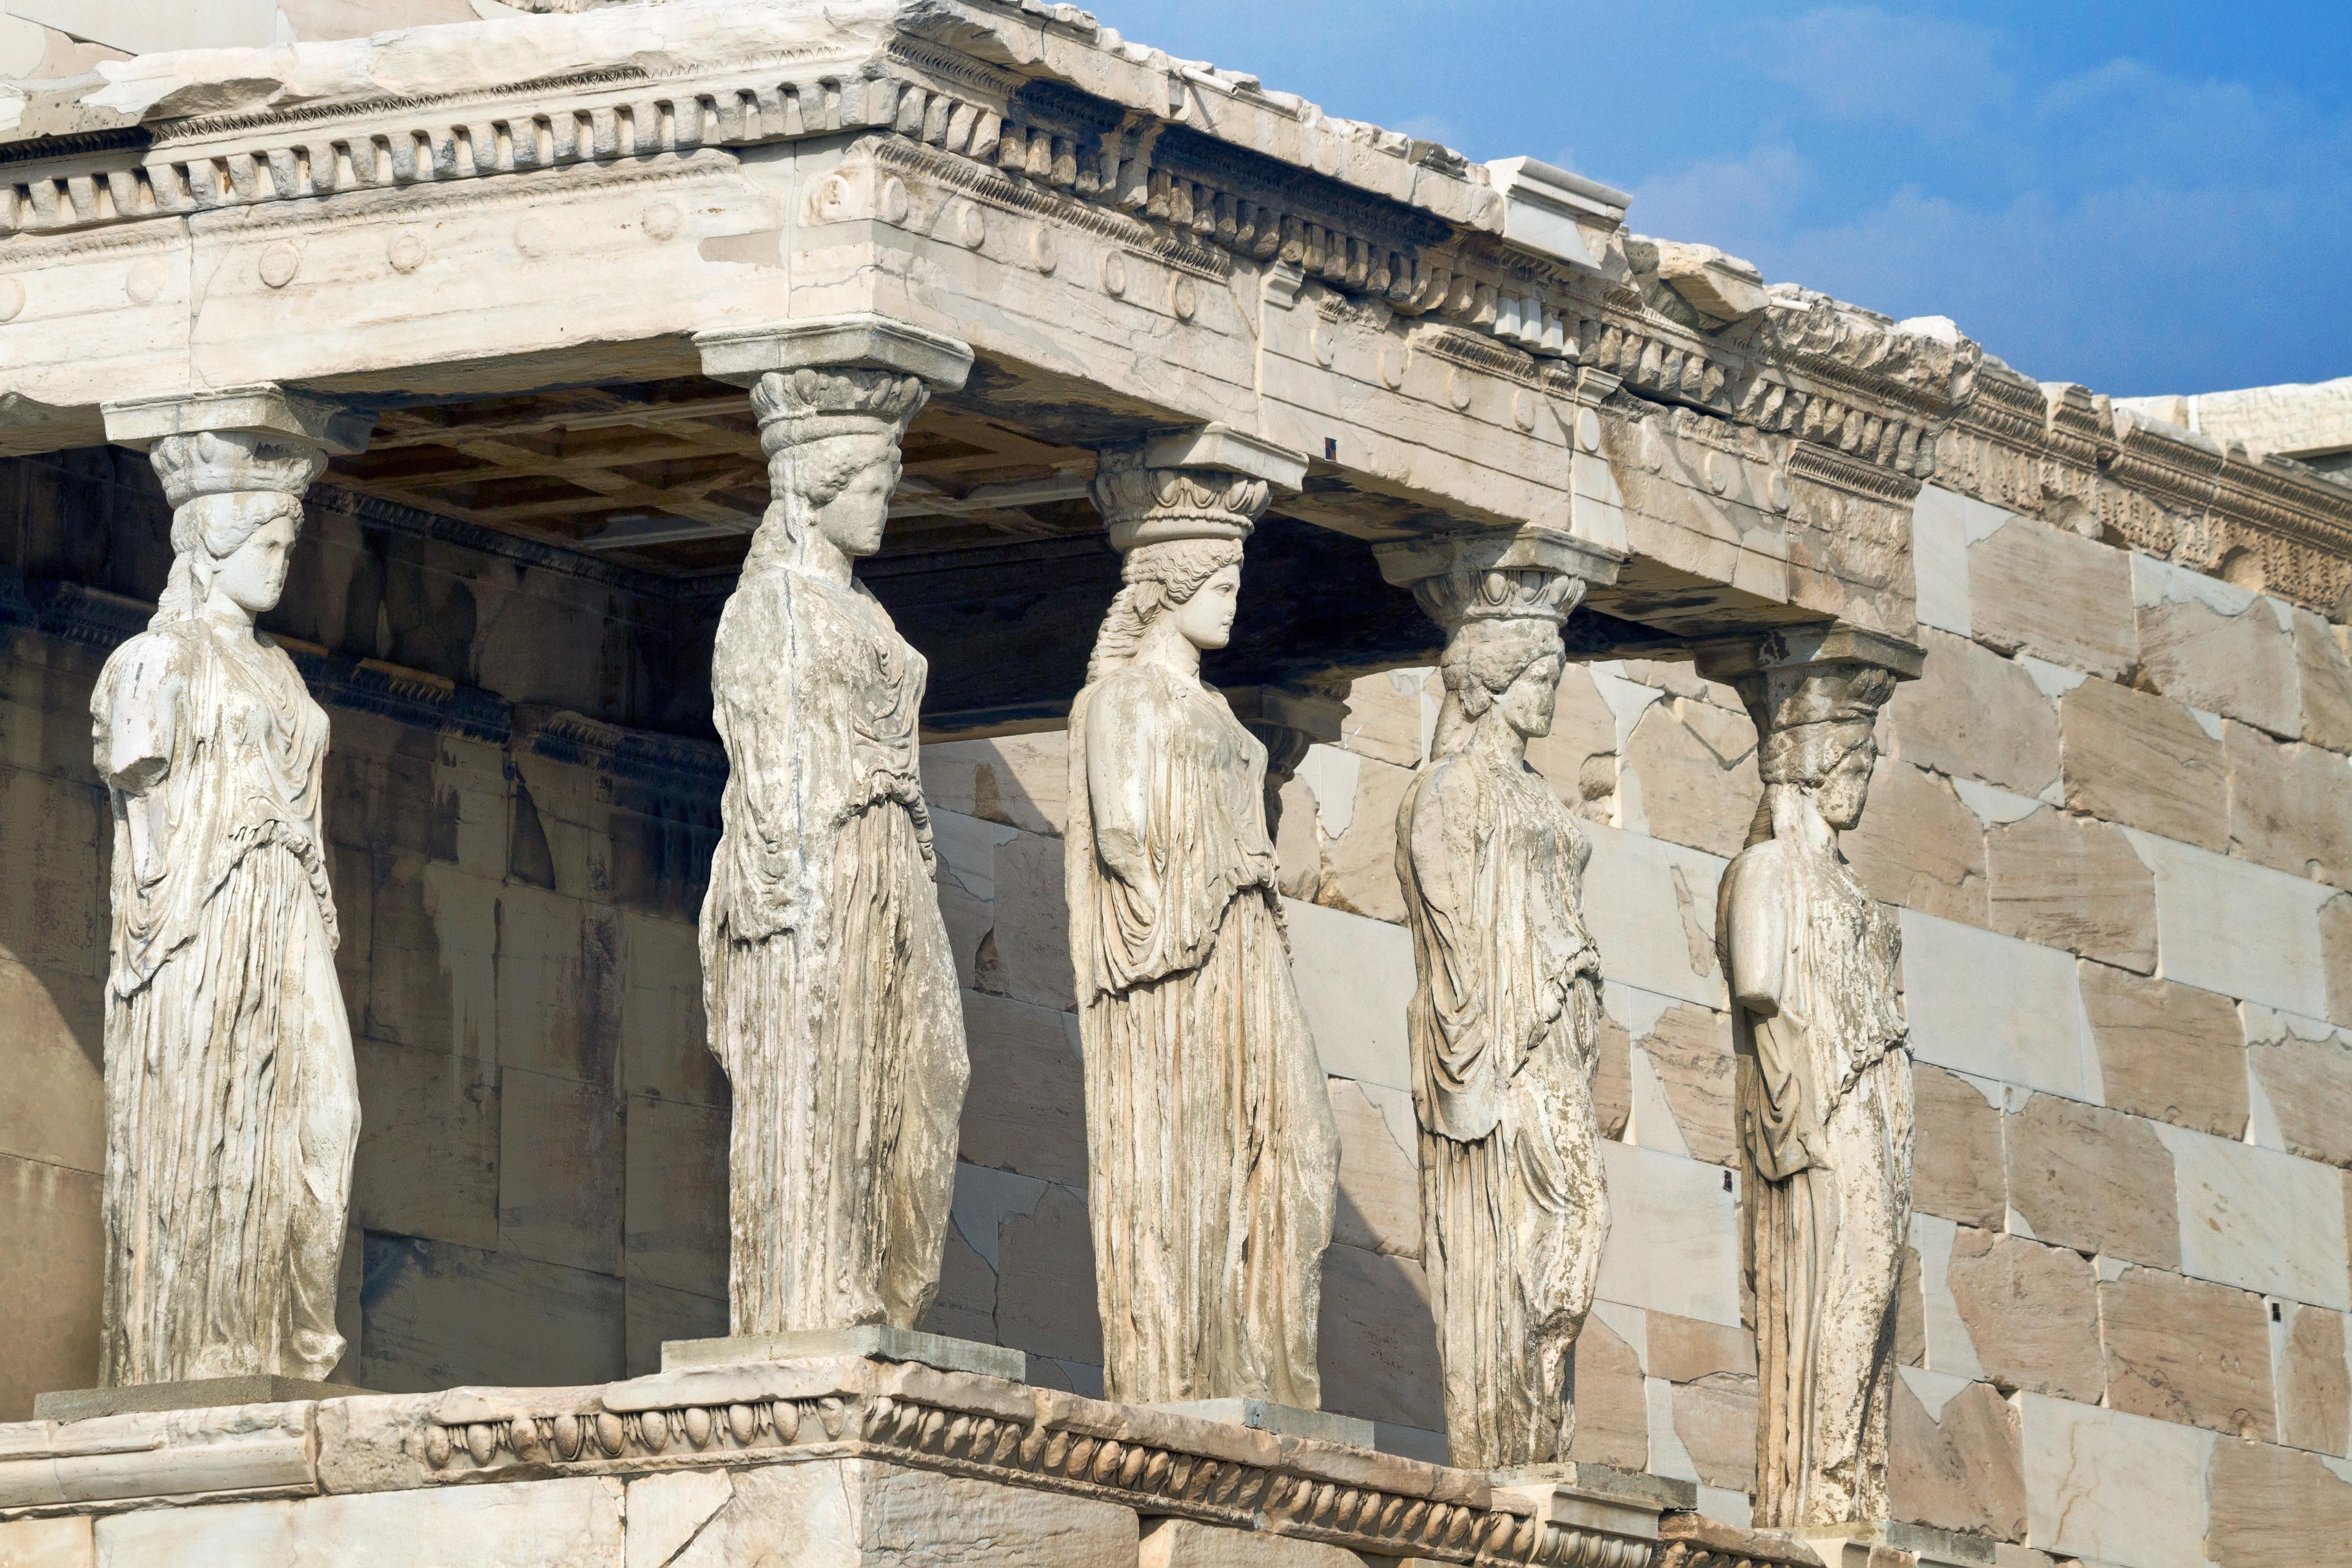 Mirando a las cariátides cara a cara - Grecia Circuito Atenas, Olimpia, Delfos y Kalambaka